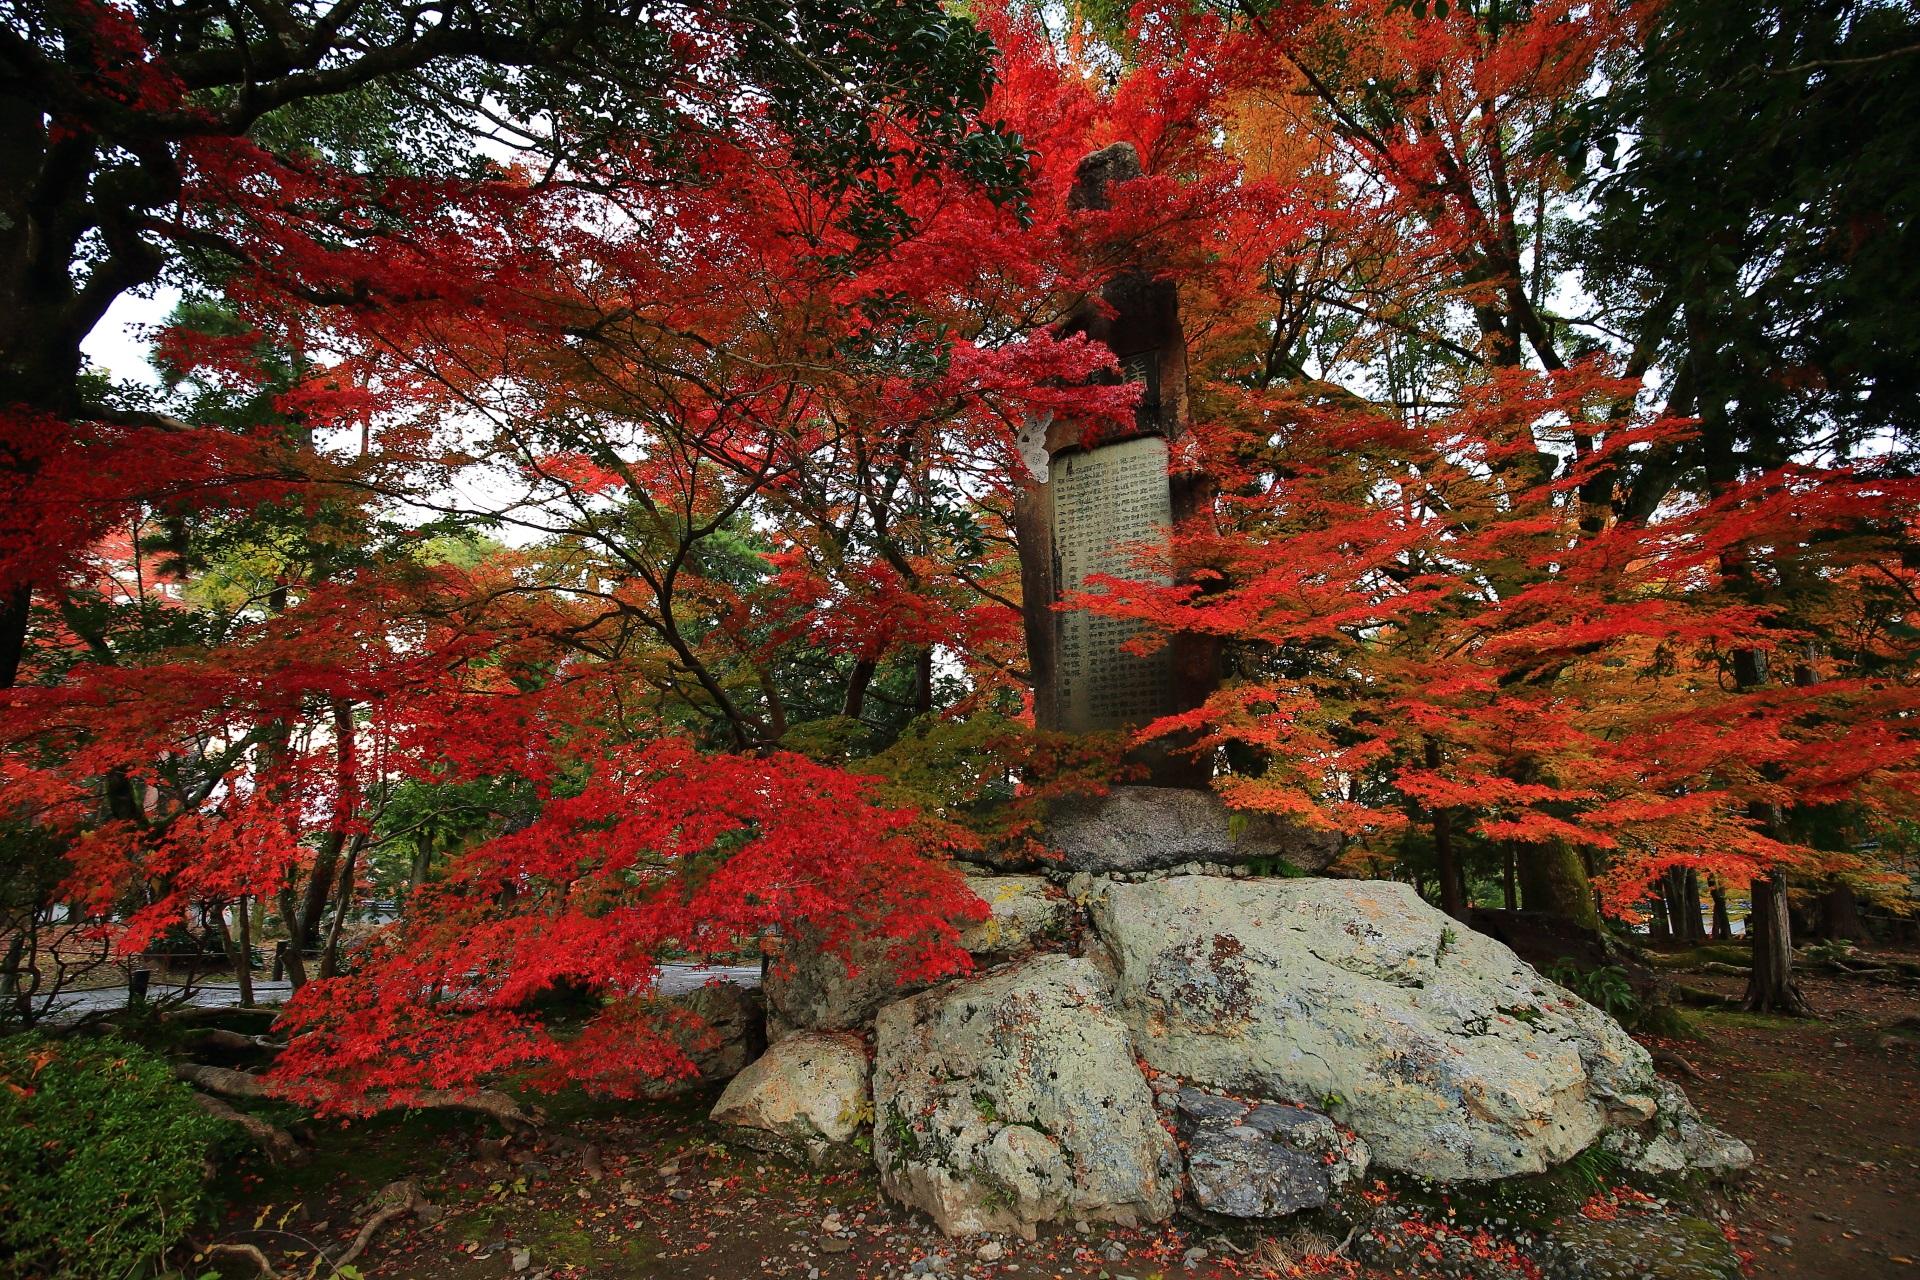 南禅寺の石碑をつつみこむ赤とオレンジの紅葉